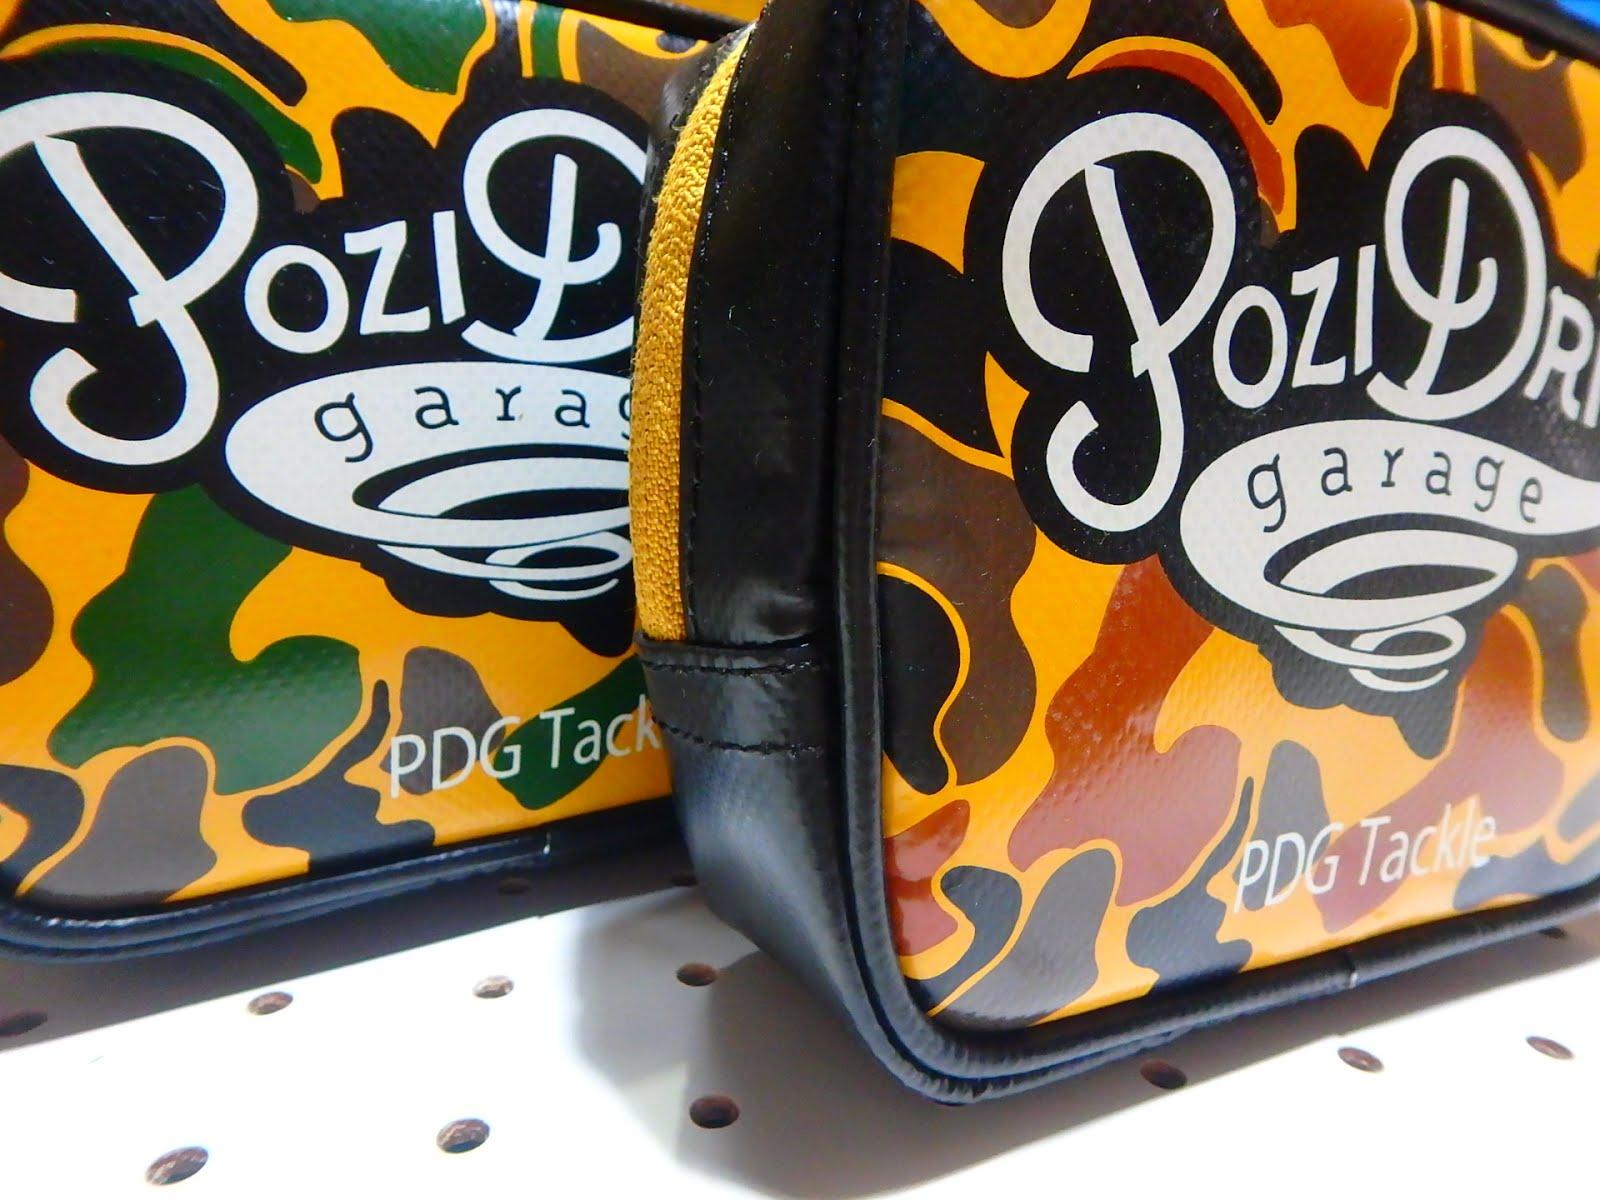 PDG original pouch